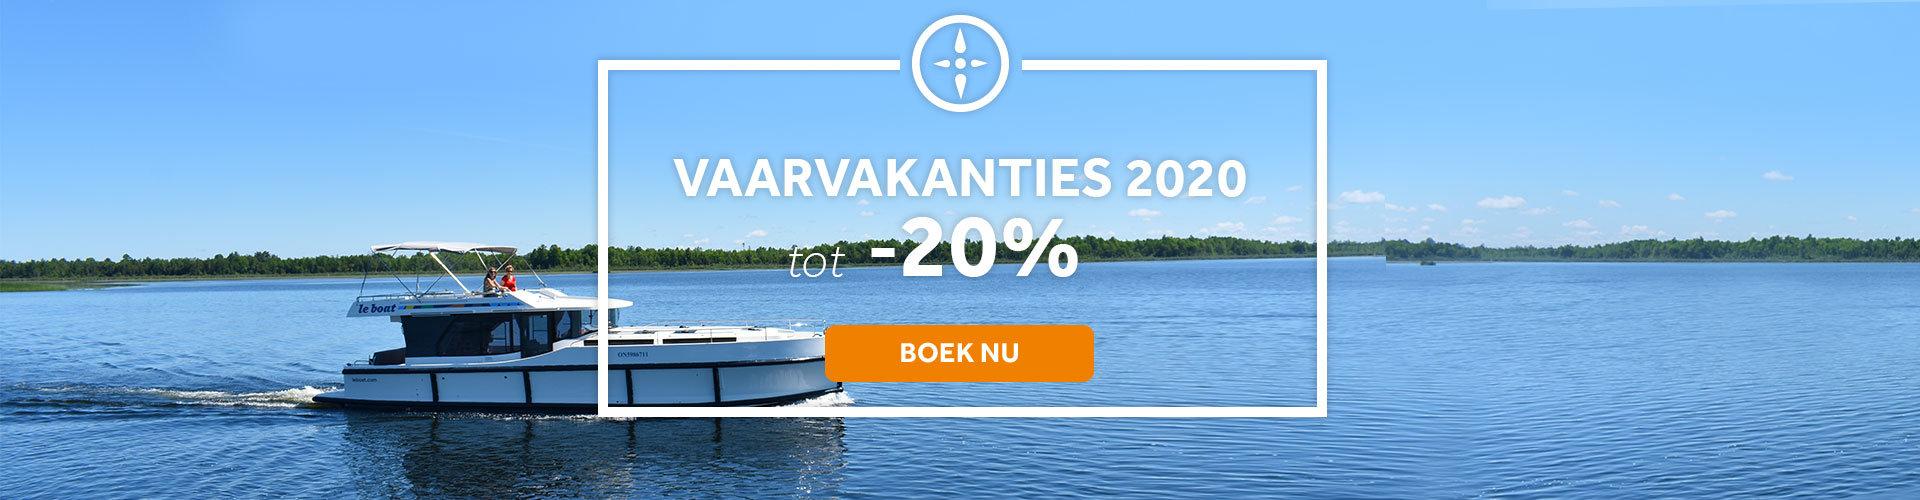 Tot -20% op uw vaarvakantie in 2020